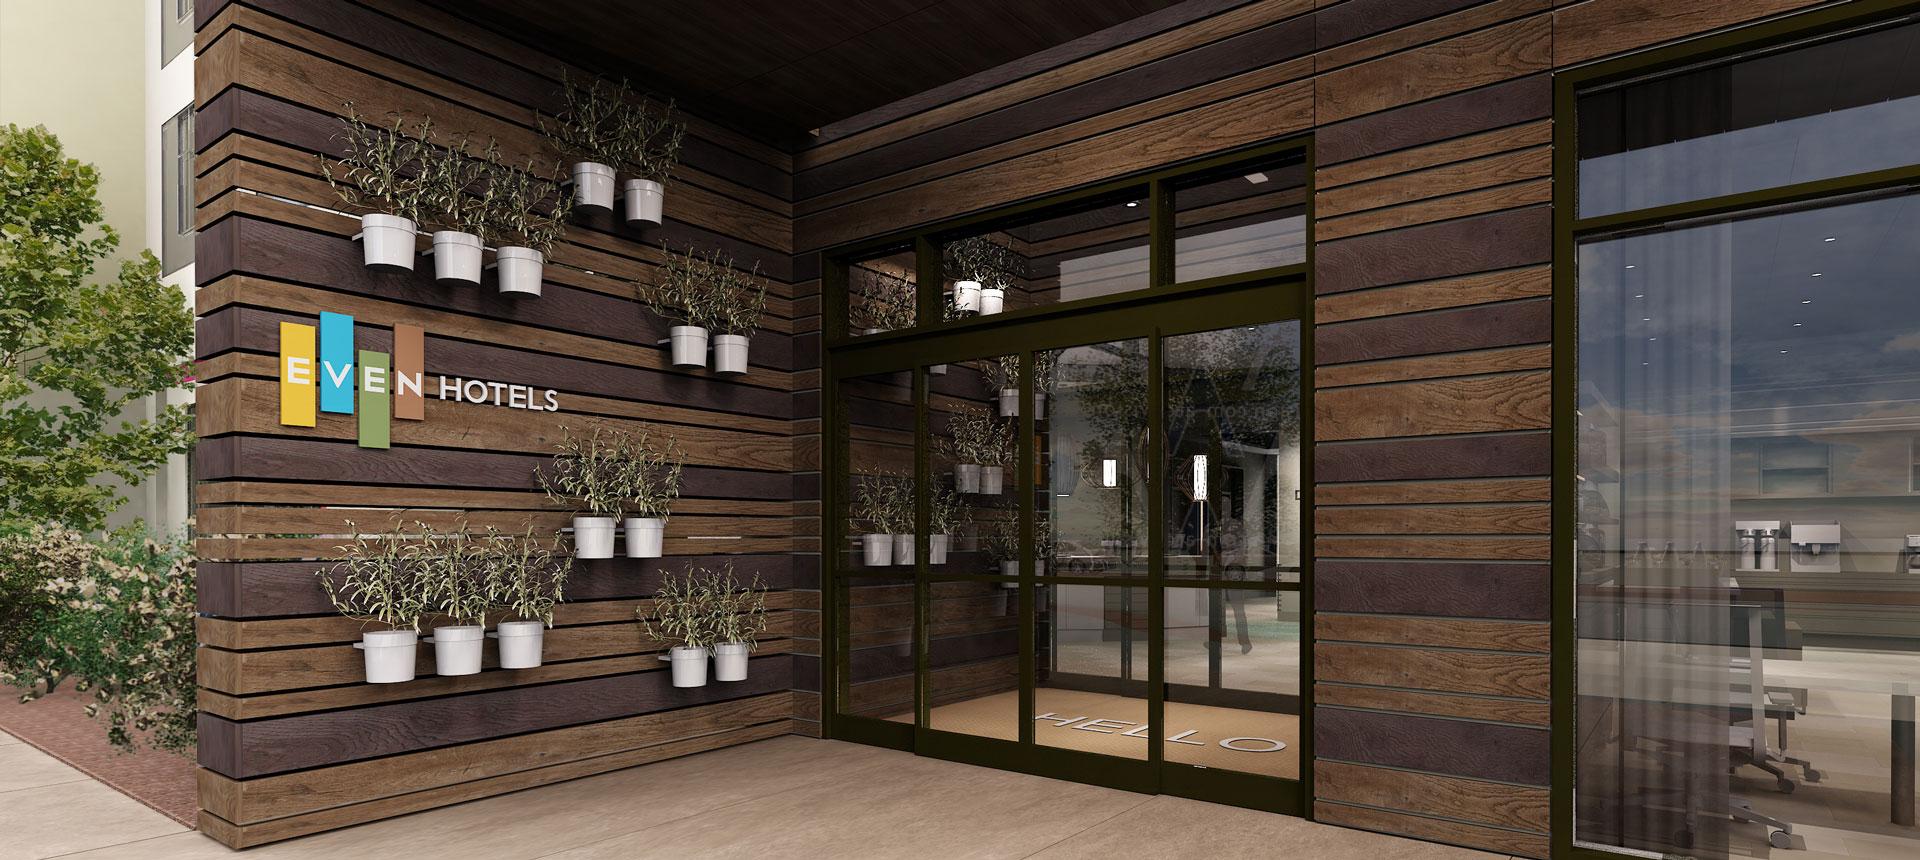 Www Evenhotel Design Com